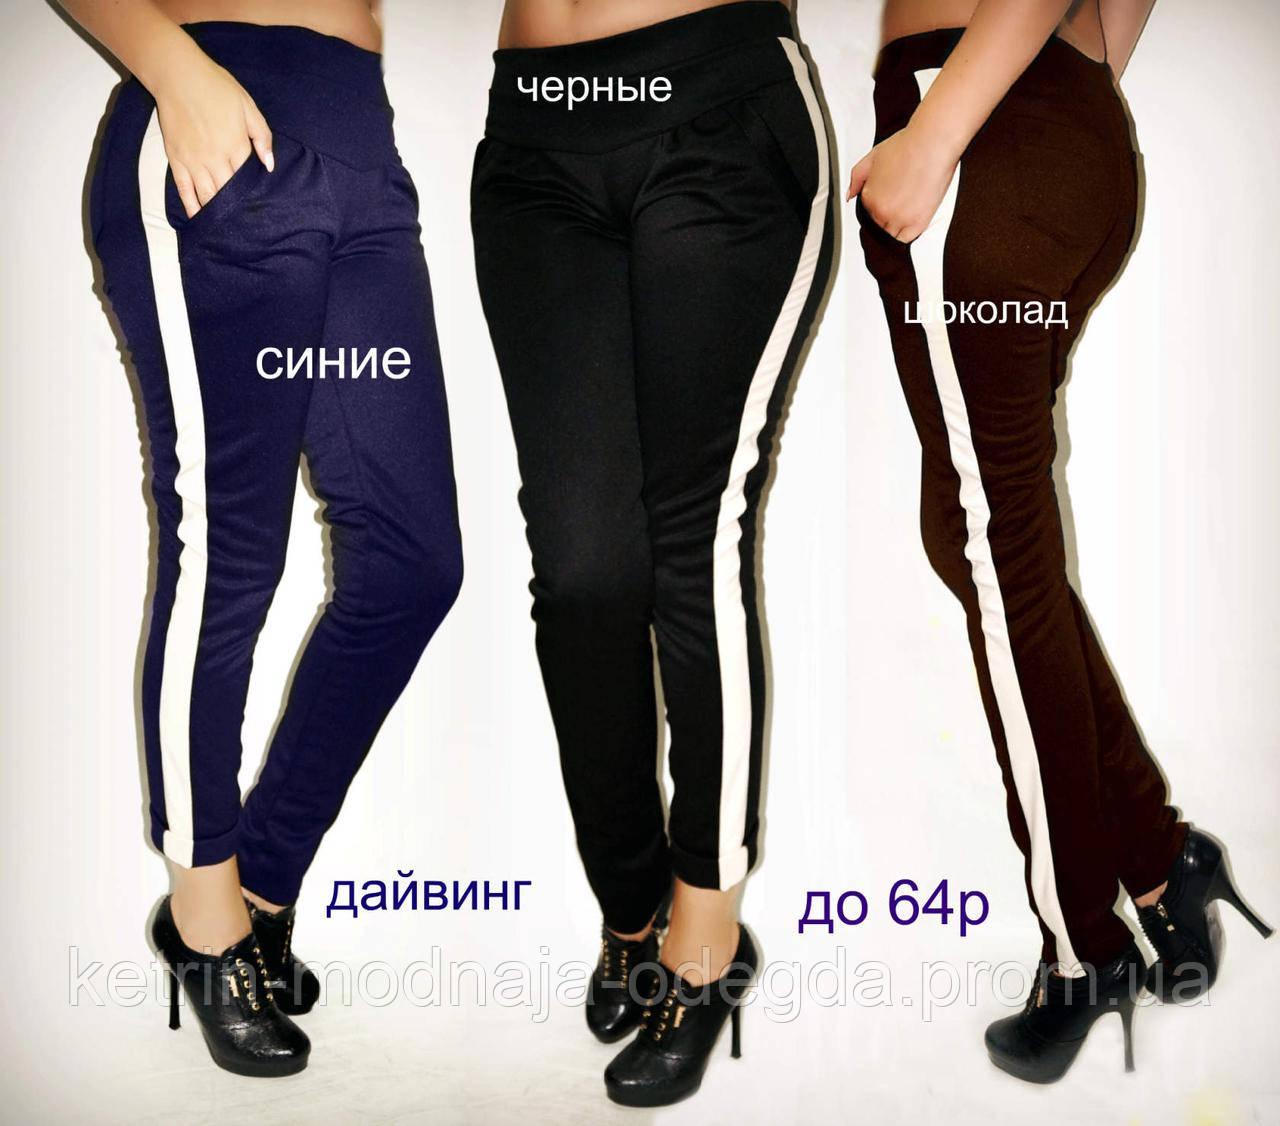 5747d0653c55b Модные женские брюки лосины с лампасом в расцветках, размеры 40 - 64 ...